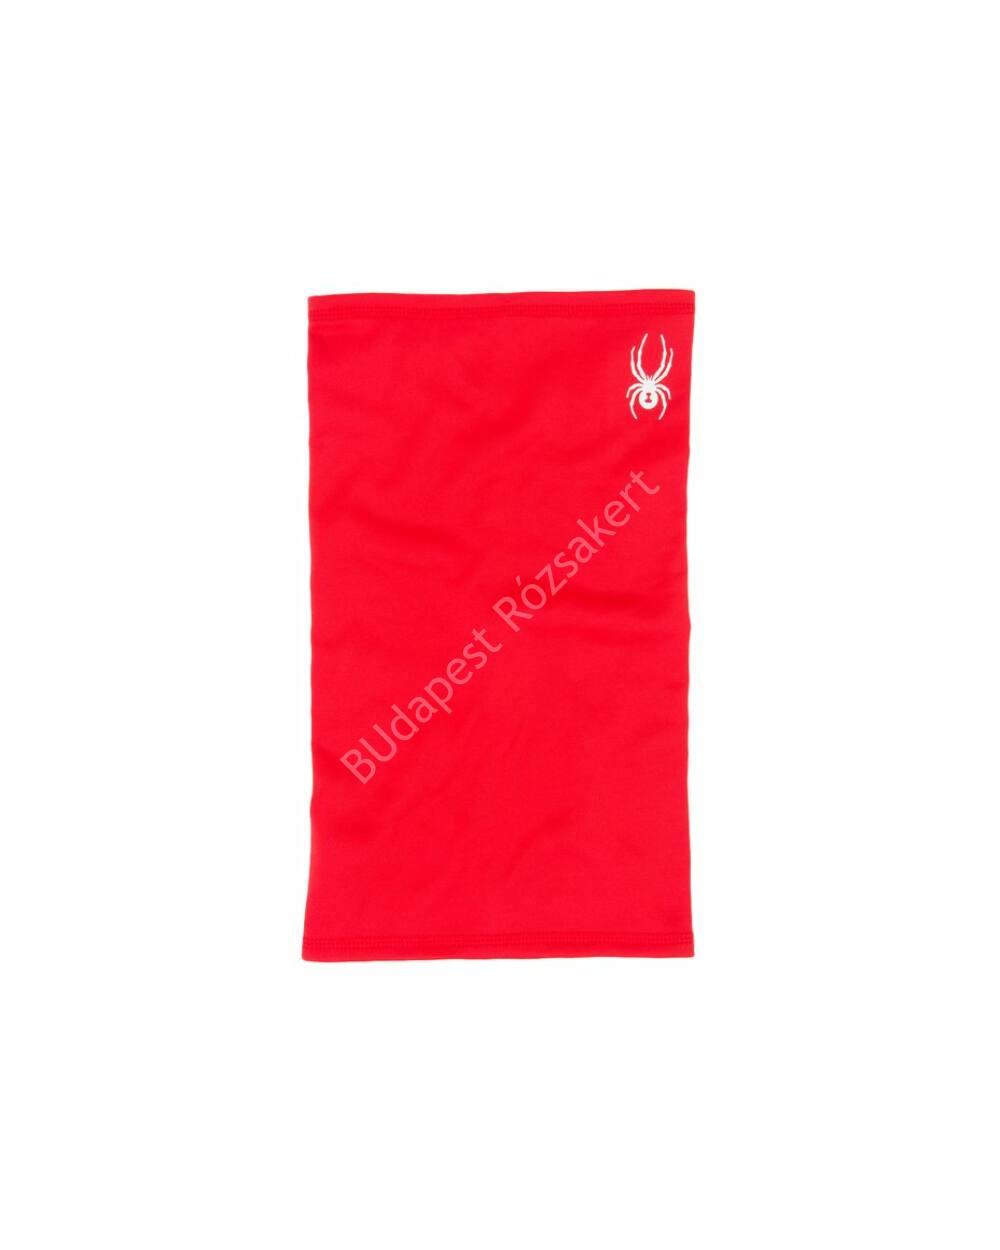 Spyder T-Hot Tube felnőtt csősál, red